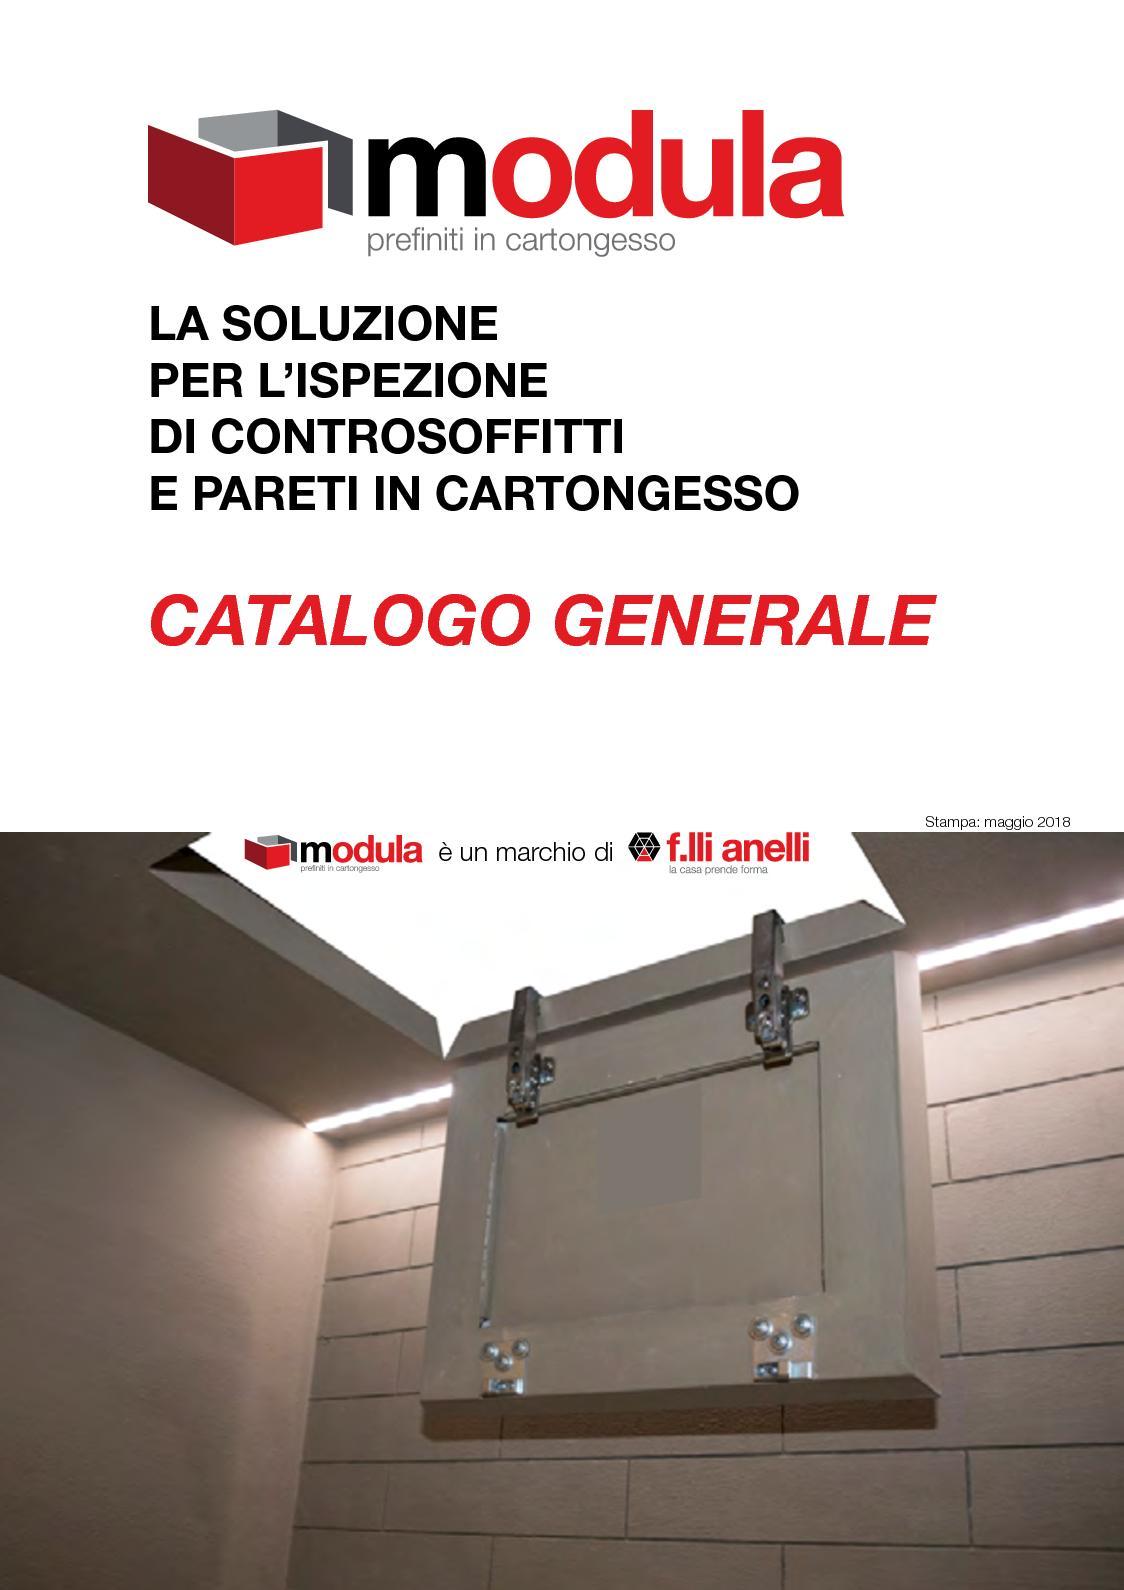 Ante Per Libreria Cartongesso calaméo - catalogo modula 2018 giu18 online